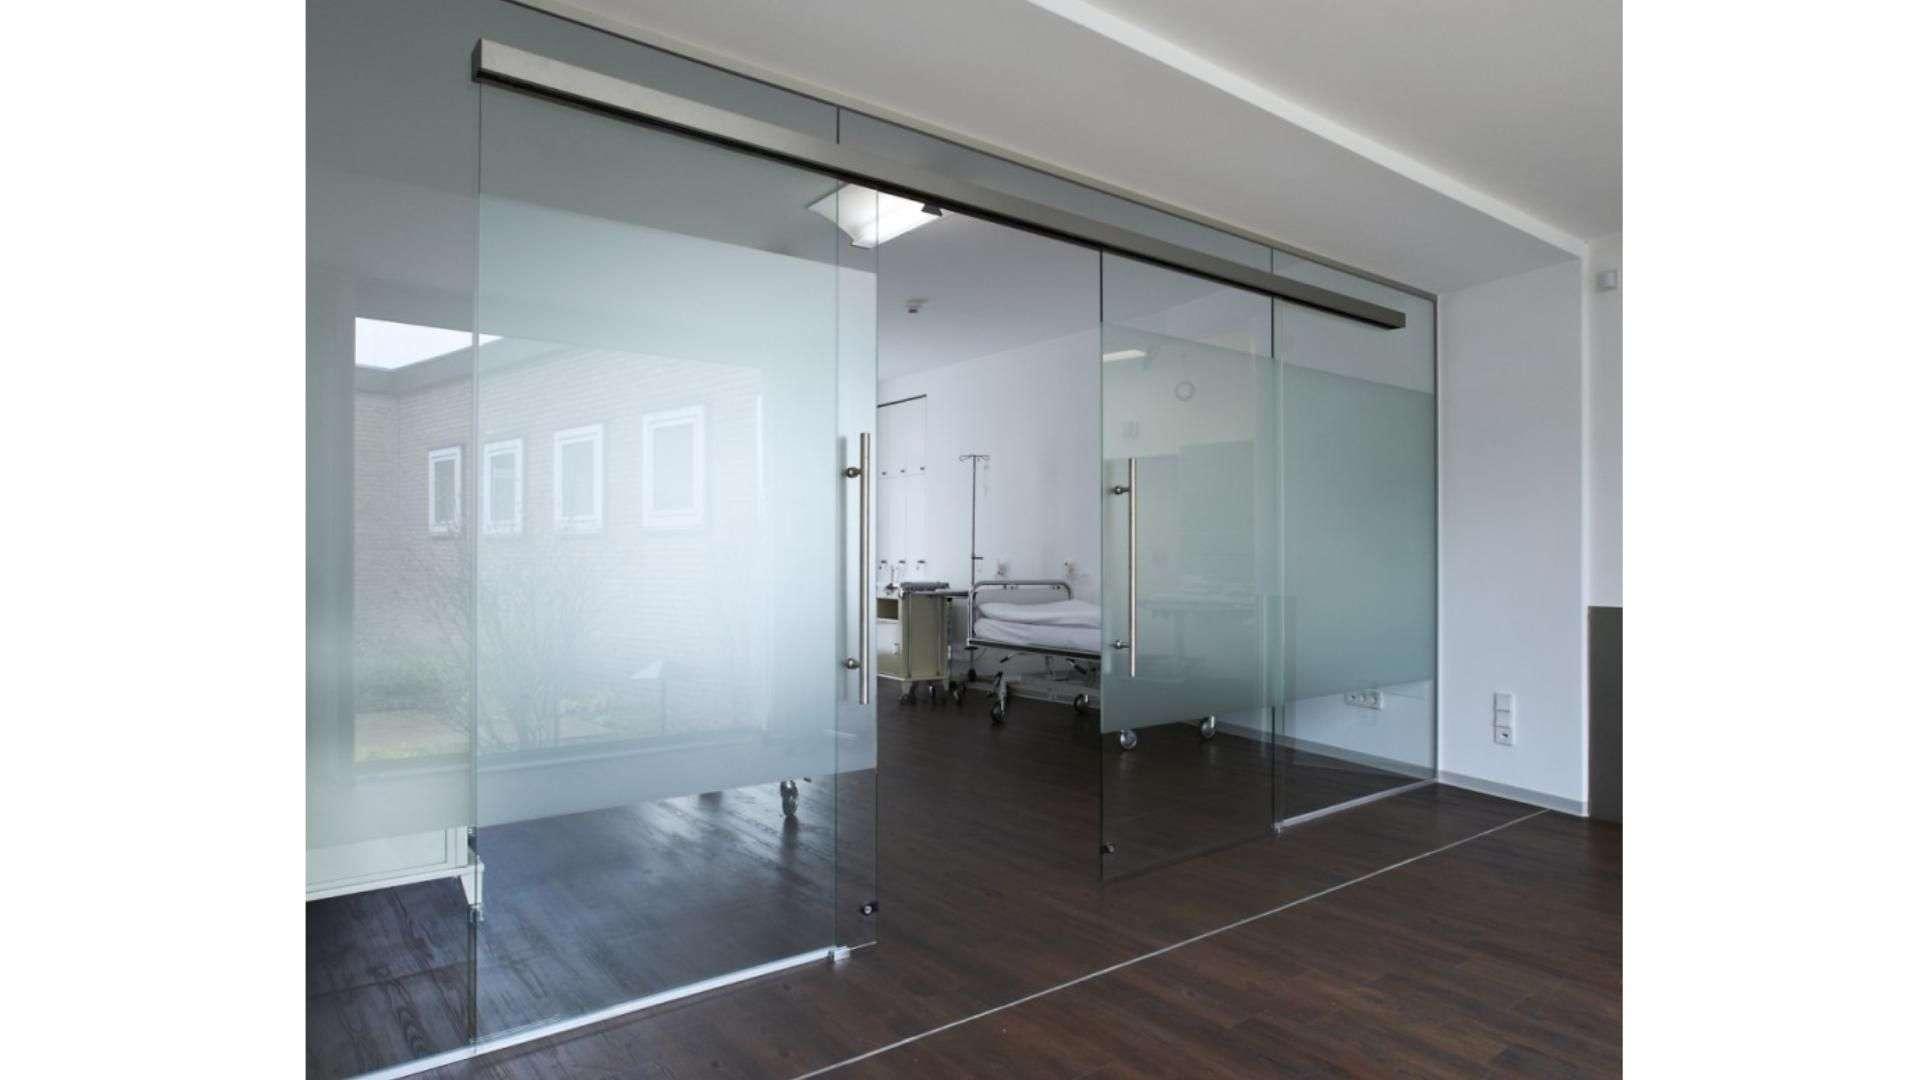 Glas-Schiebetür zwischen zwei Räumen